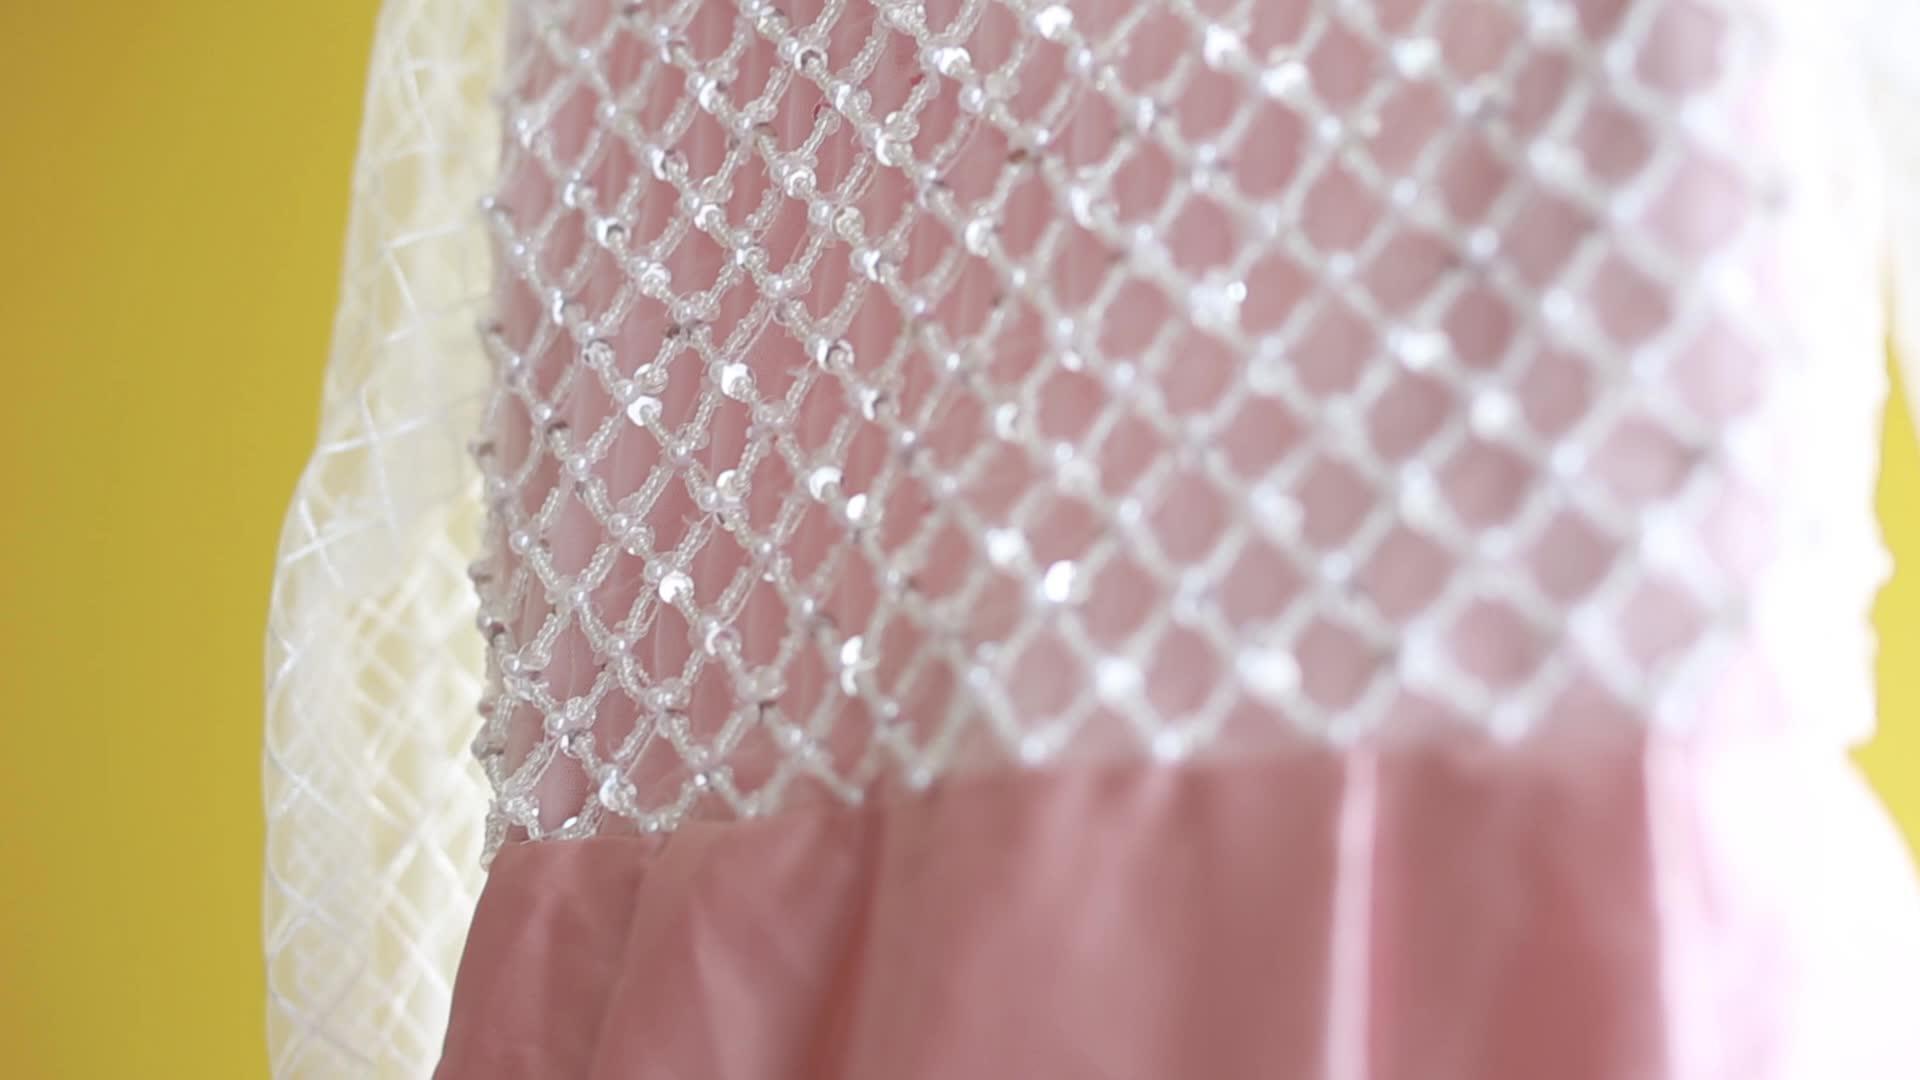 Boutique Großhandel Kinder Ball Kleider Rosa Weiß Schwarz Hochzeit Party Kleid Mädchen Ballkleid Kinder Satin Kleid Brautjungfer Kleider